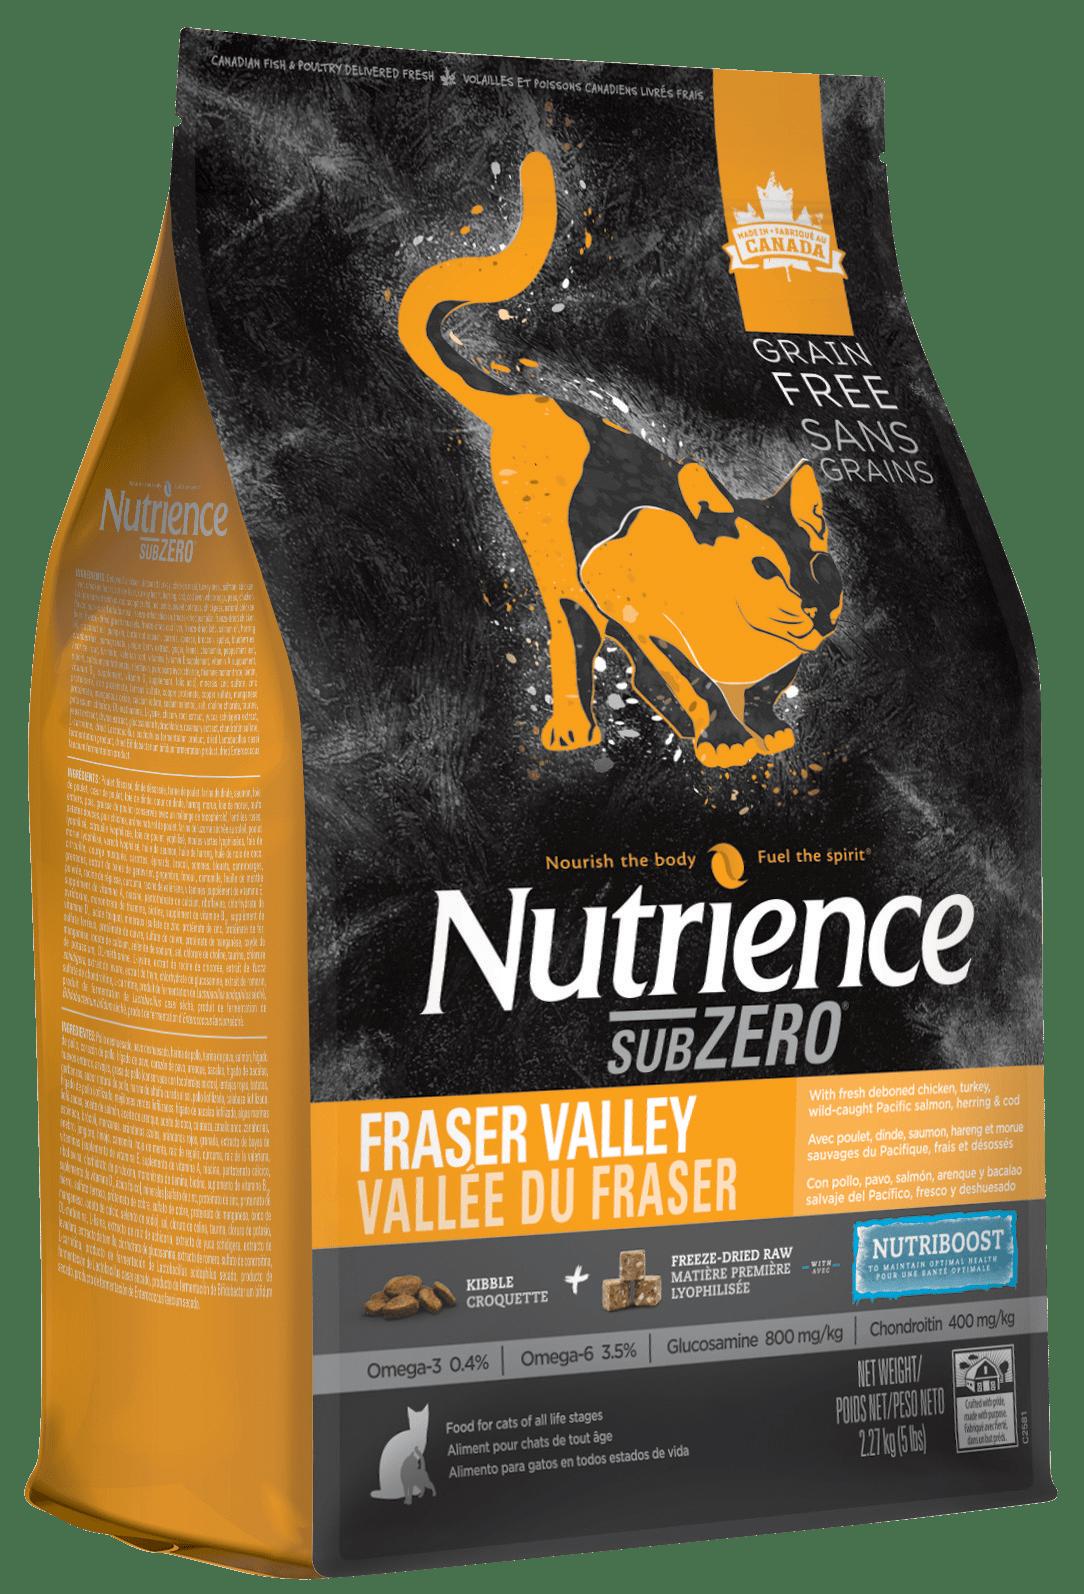 Đánh giá về thức ăn Nutrience cho chó và mèo từ Canada